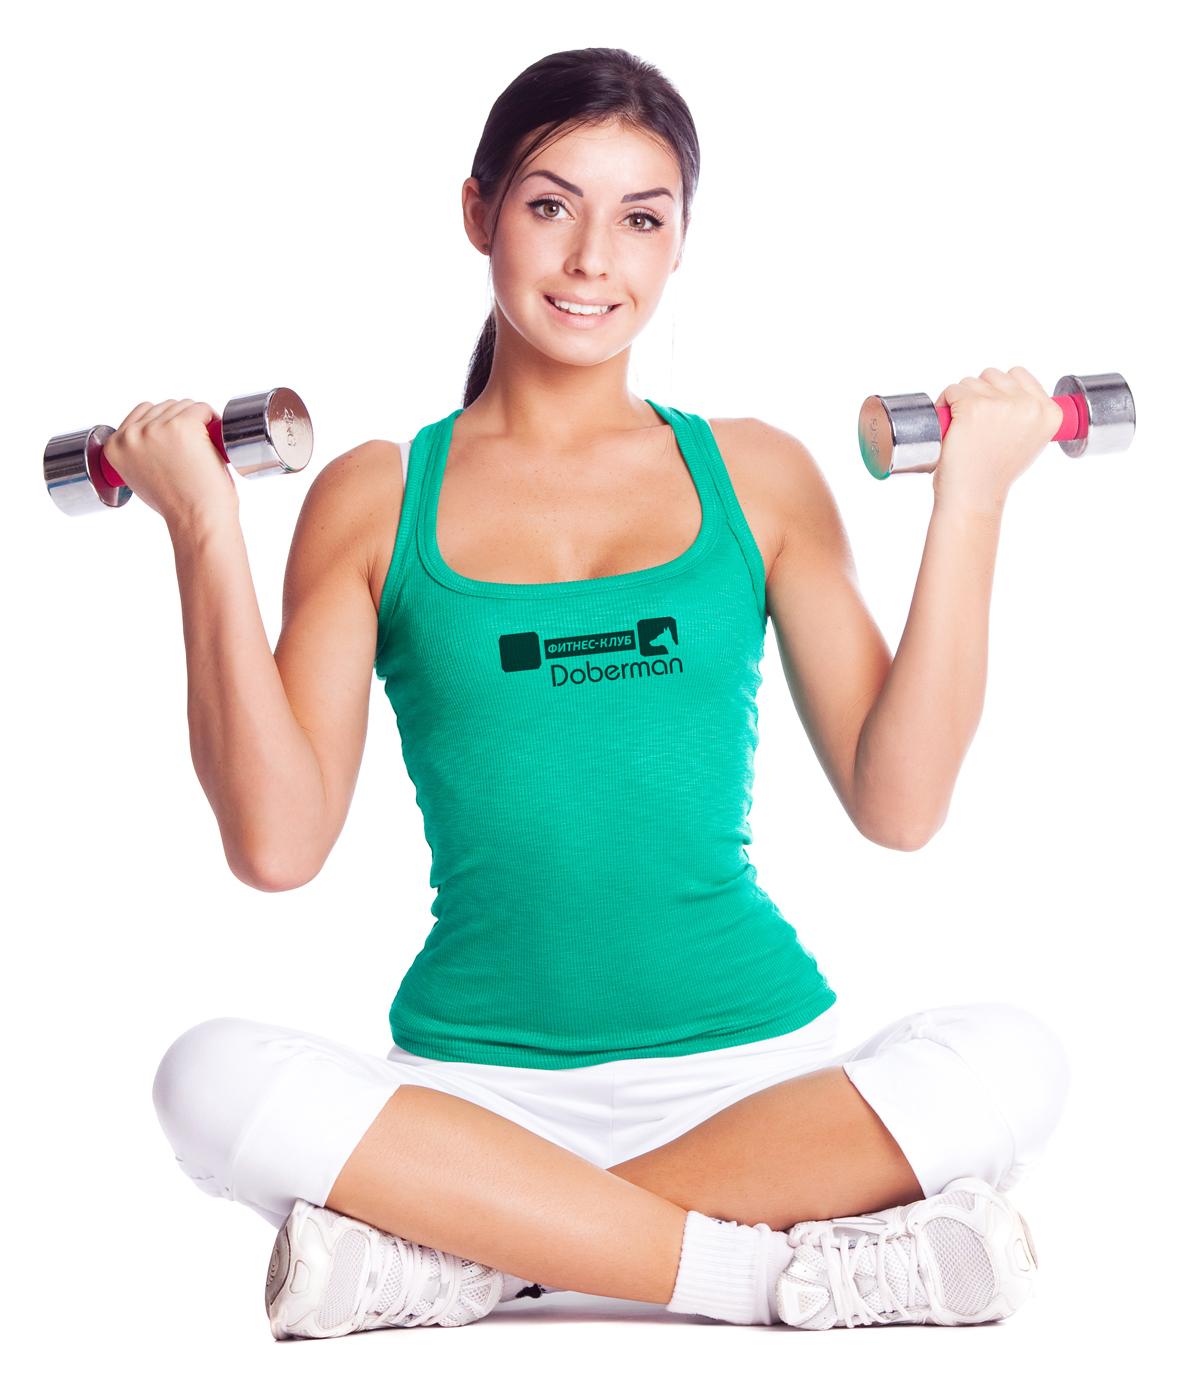 Сброс веса за максимально короткий срок.